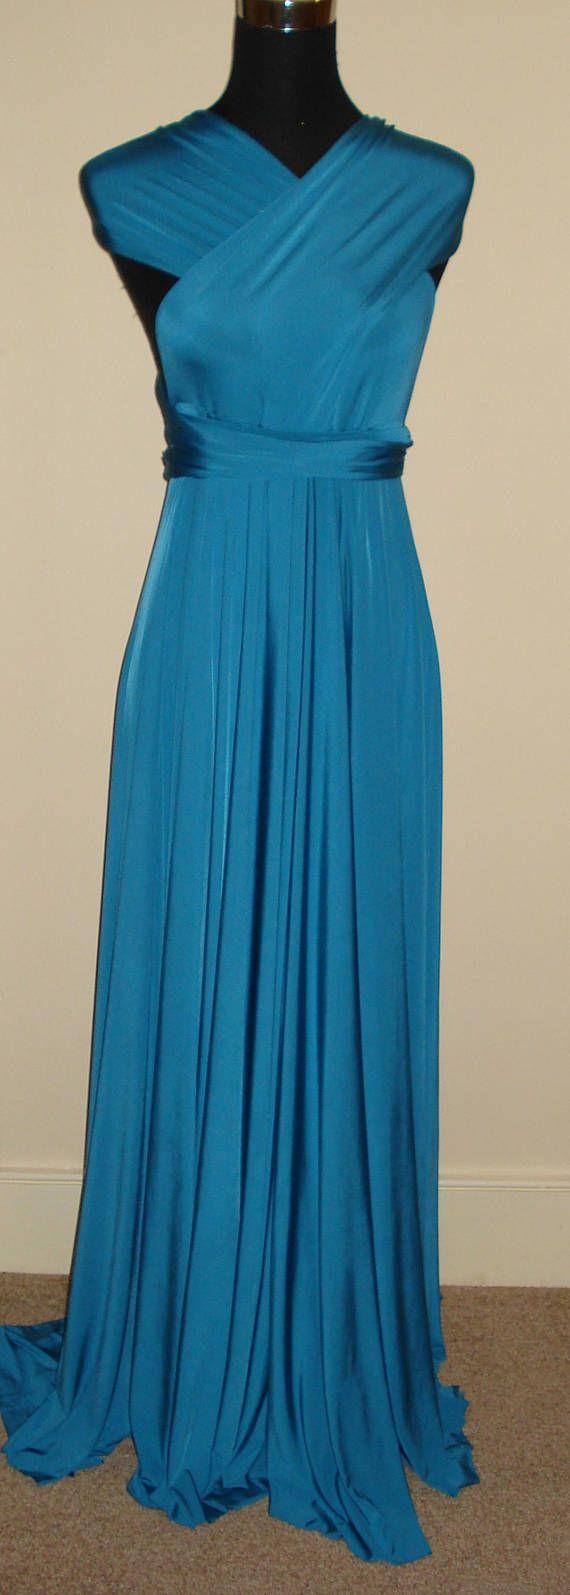 Brautjungfer Infinity Kleid Teal blau Cabrio Kleid wickeln Twist Kleid Multiway Kleid Hochzeiten Prom Abendkleid formalen Cocktail-Kleid. Petrol / blau BODENLANG CABRIO KLEID INFINITY KLEID Die Unendlichkeit ein Kleid passt für alle Gelegenheiten endlose Stile auf jeden Fall mit